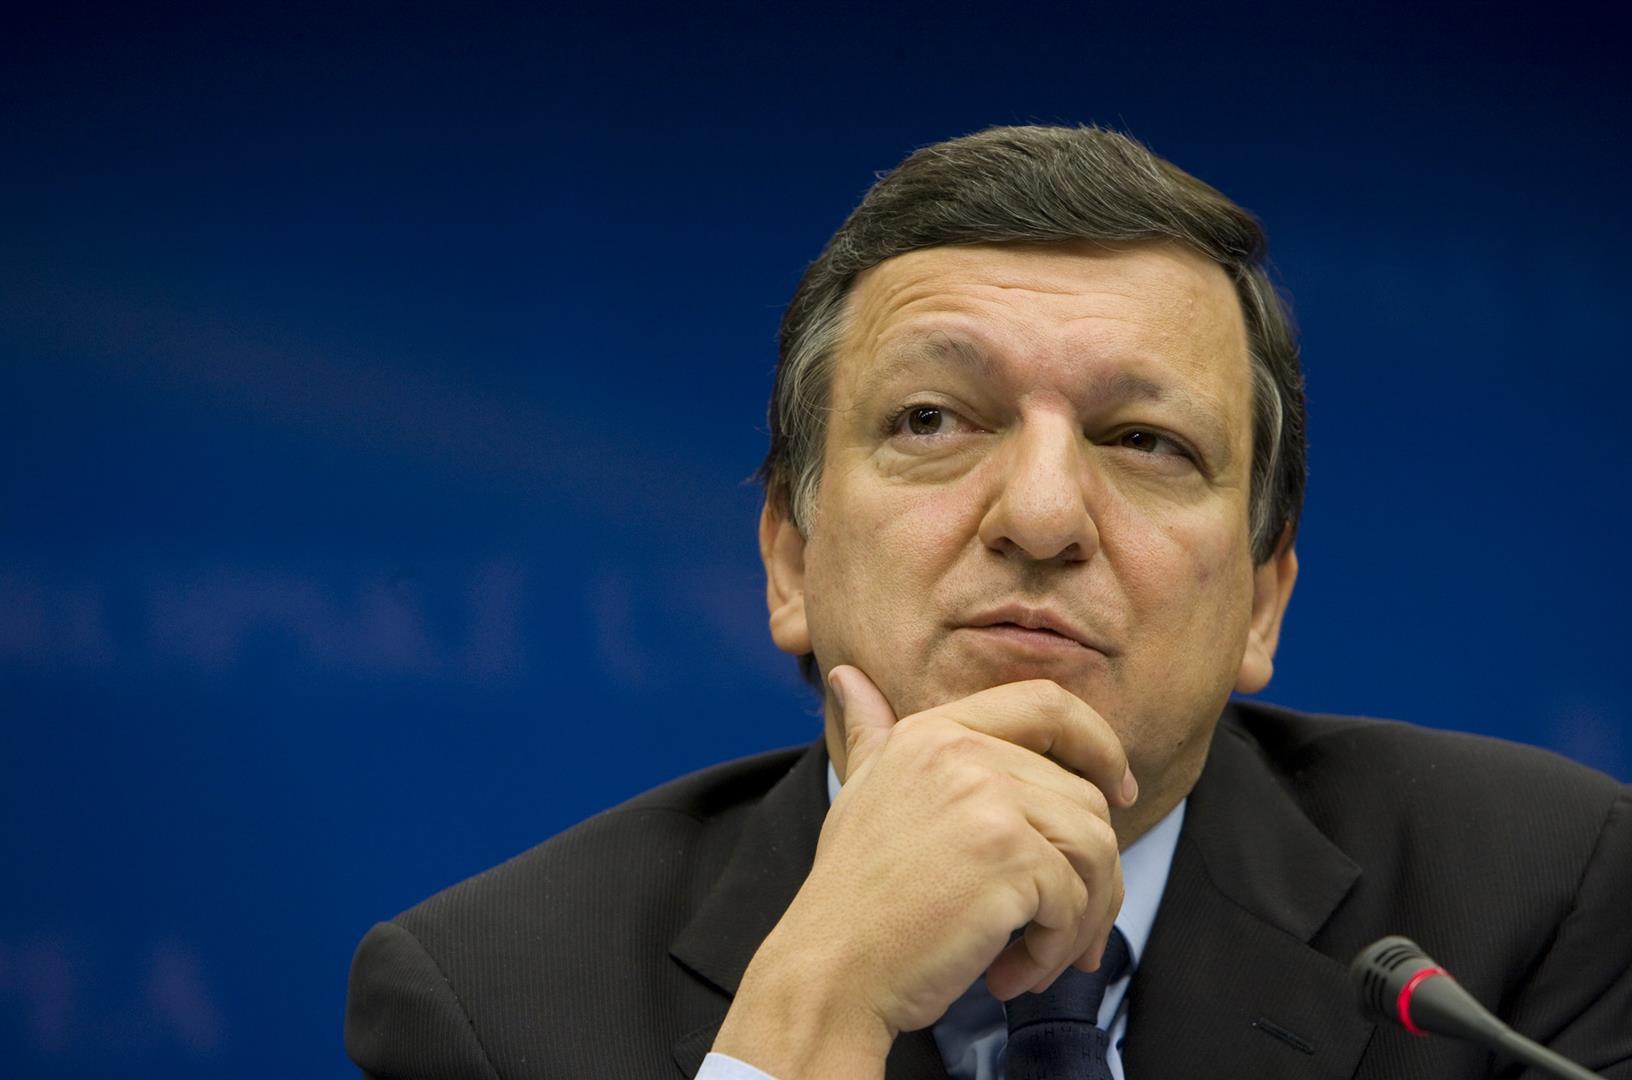 """1956 Jesuit José Manuel Barroso. Präsident der EU-Kommission. Ministerpräsident Portugals. Studierte an der amerikanisch-jesuitischen Georgetown University. Zusammen mit dem """"Deutsche Verteidigungsdienst"""" (DVD) verstrickt in den Entführungsfall """"Maddie""""."""